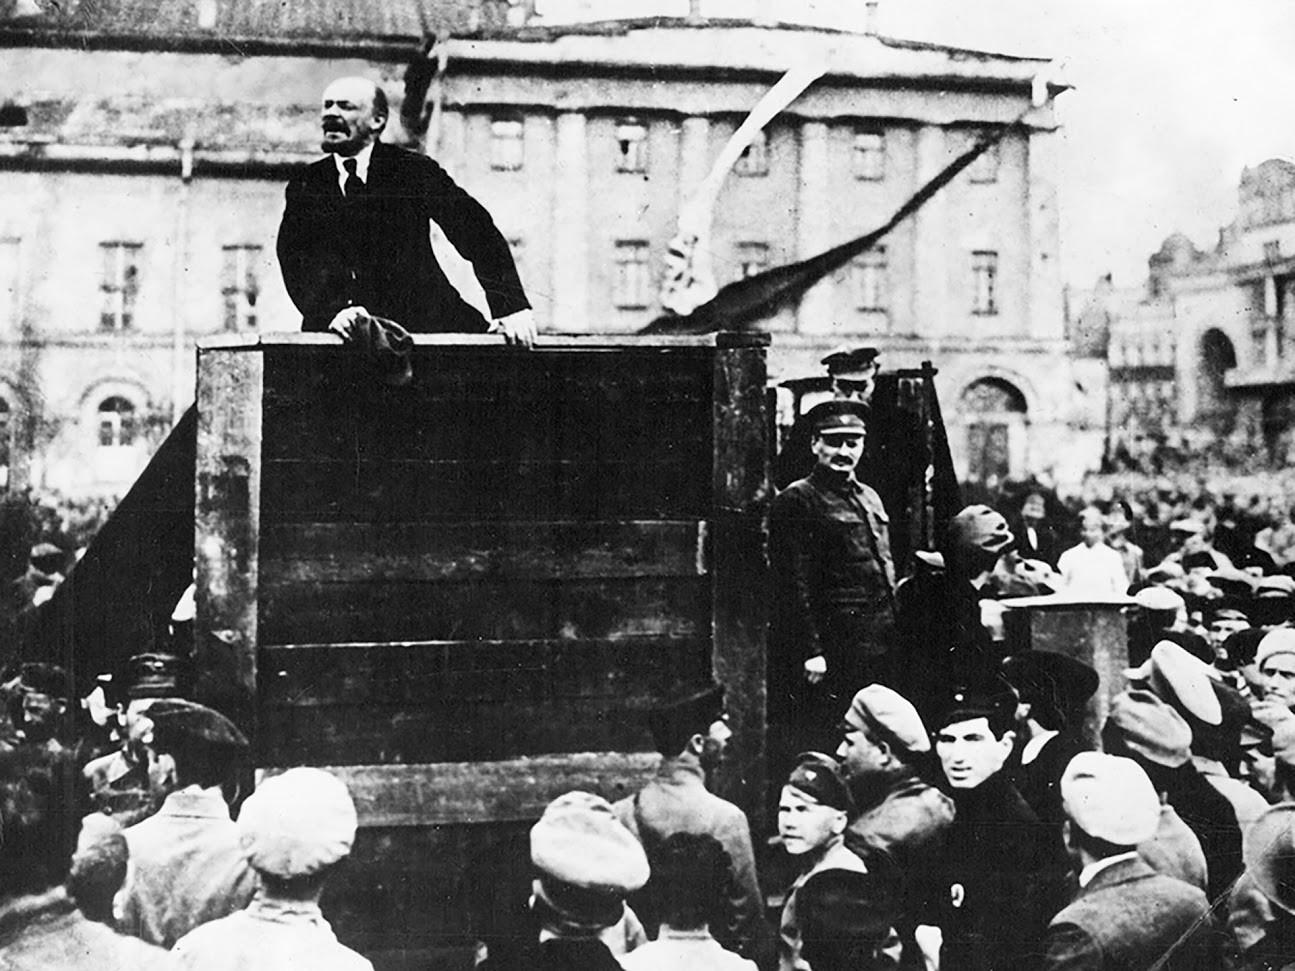 Ленин говори пред масите в Петроград, 1919 г. - вдясно от него е Троцки.